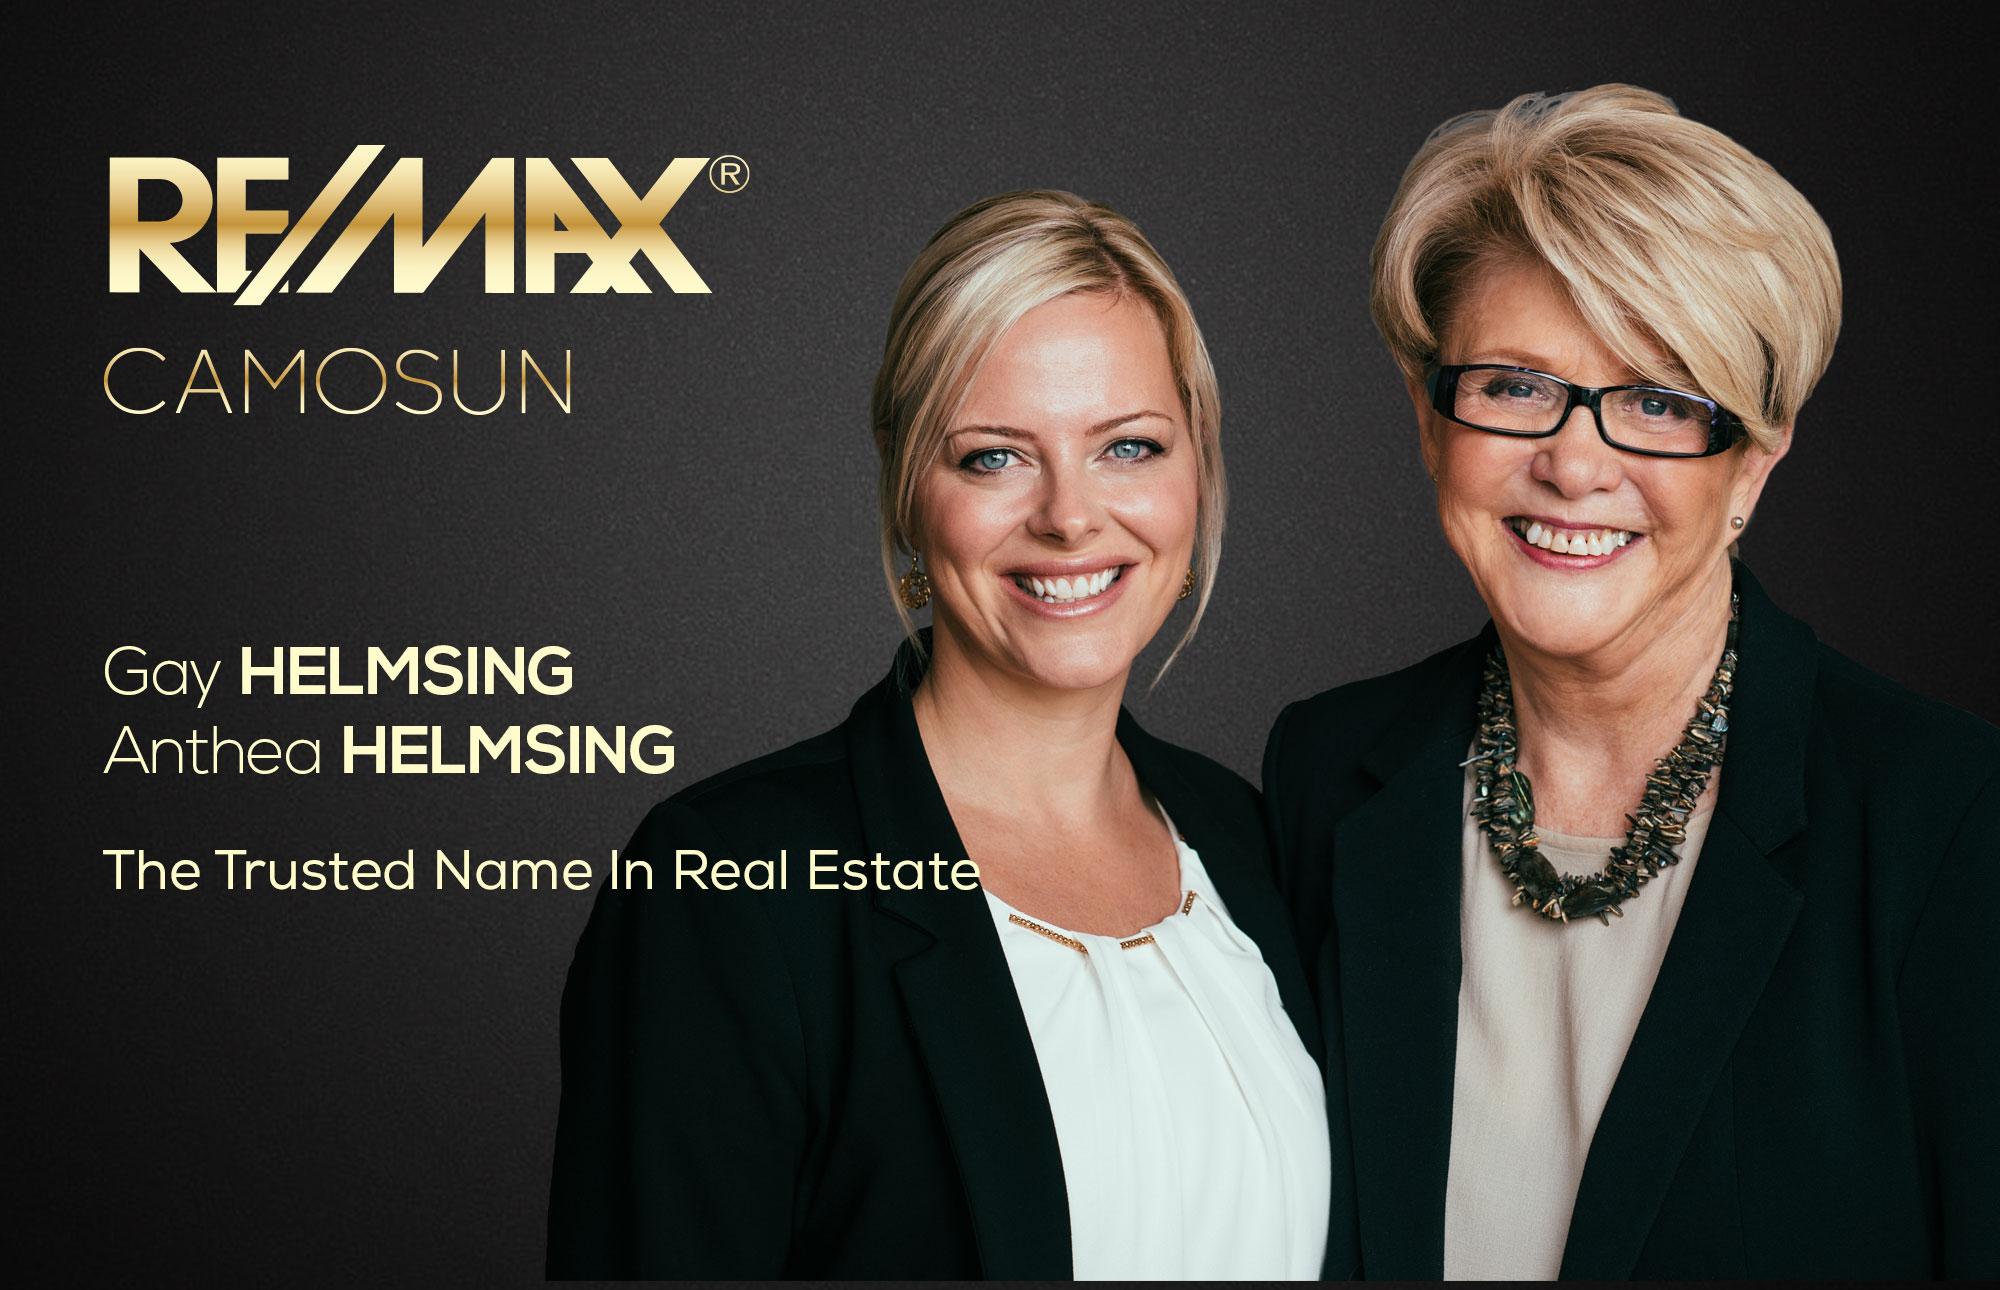 Helmsing homes for Sale - Anthea Helmsing & Gay Helmsing HELMSINGHOMESFORSALE.COM